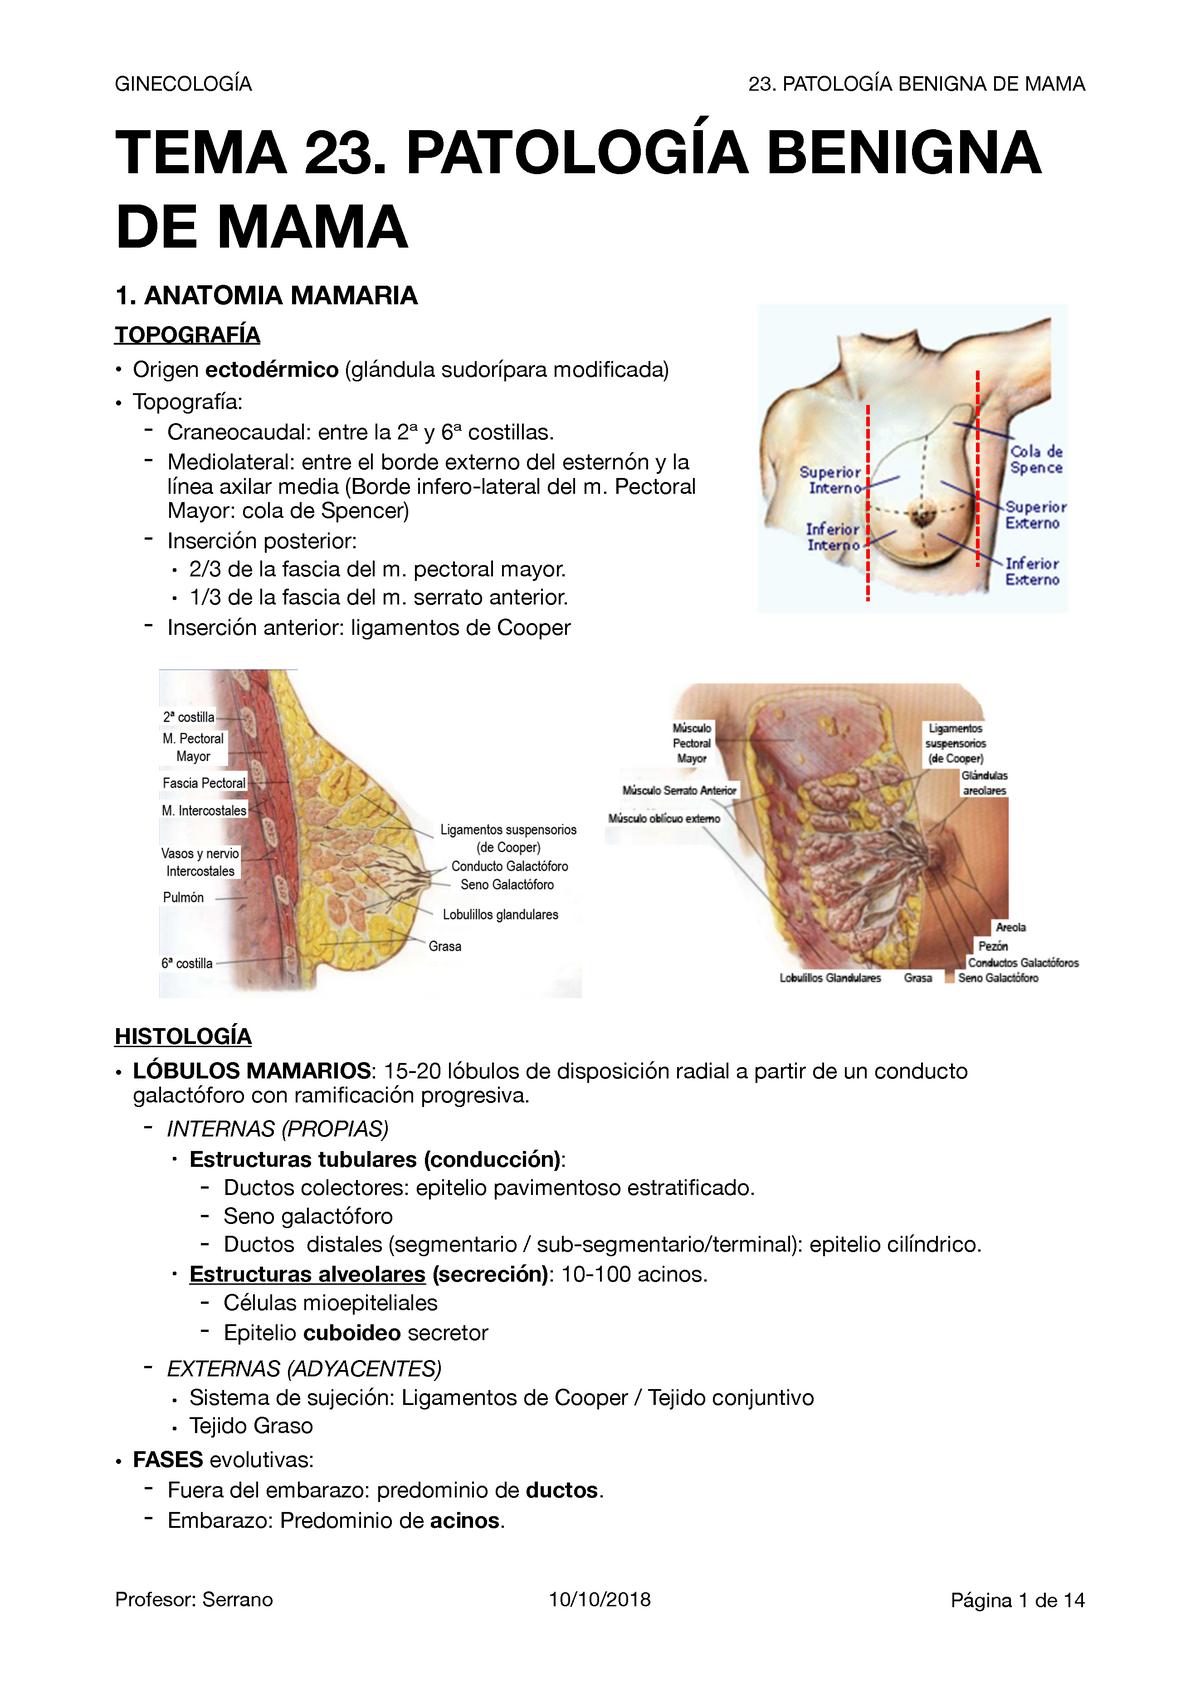 Mondor enfermedad mamaria